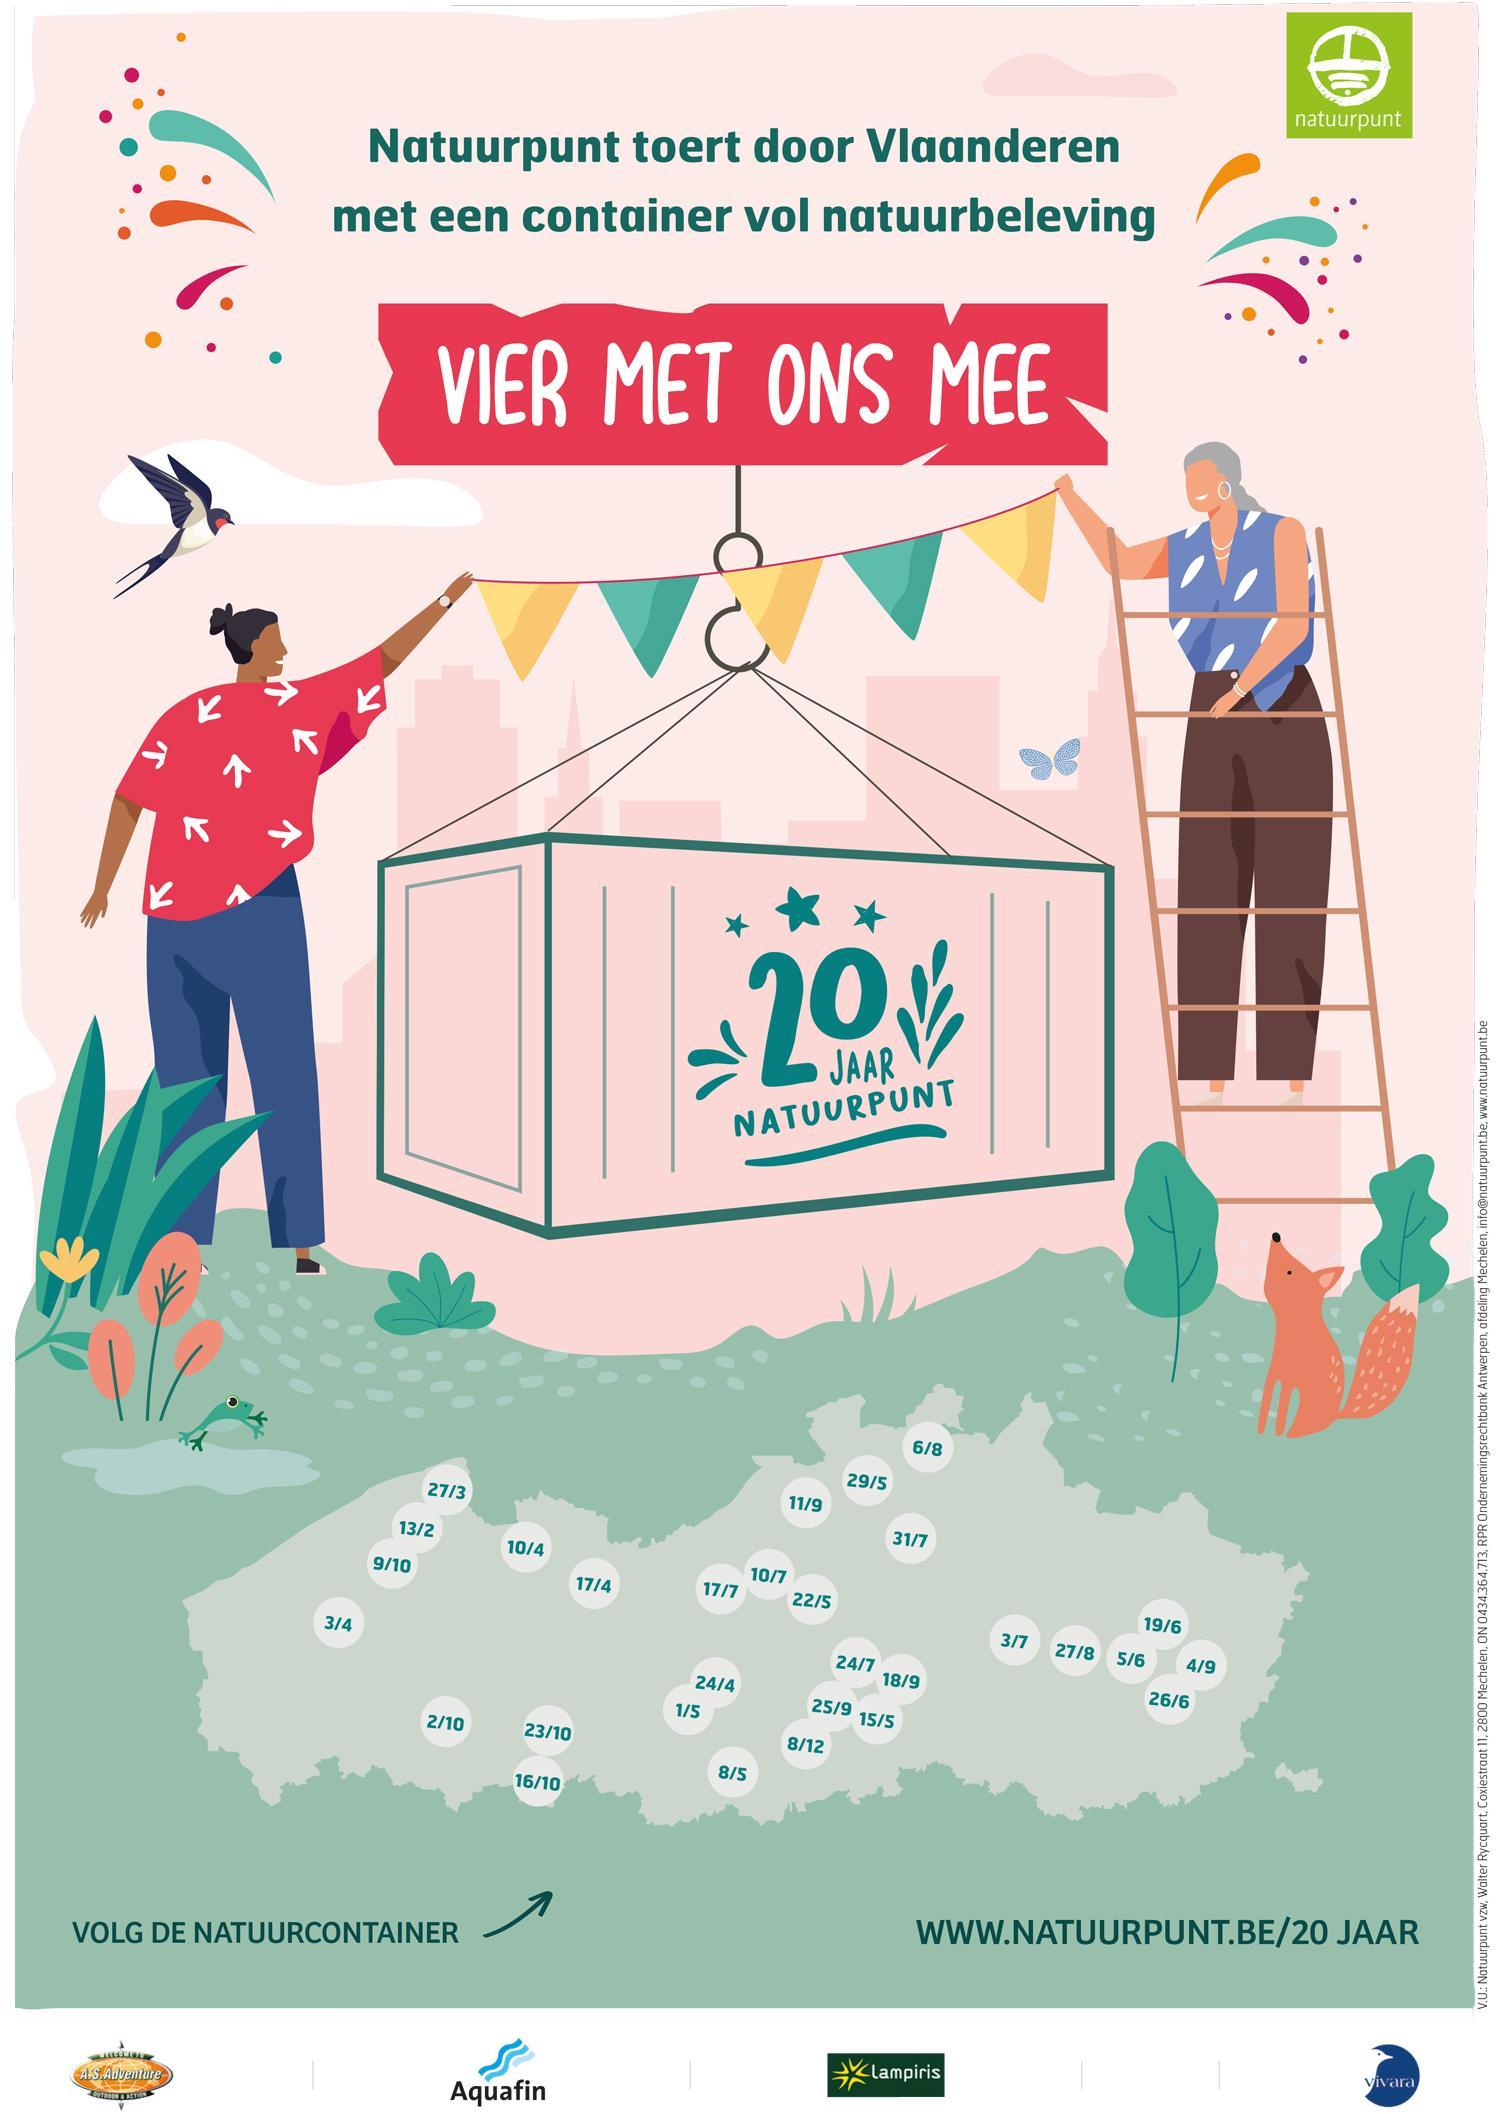 Natuurpunt bestaat dit jaar 20 jaar en viert dit met een  feestelijke container die heel Vlaanderen zal doorkruisen.